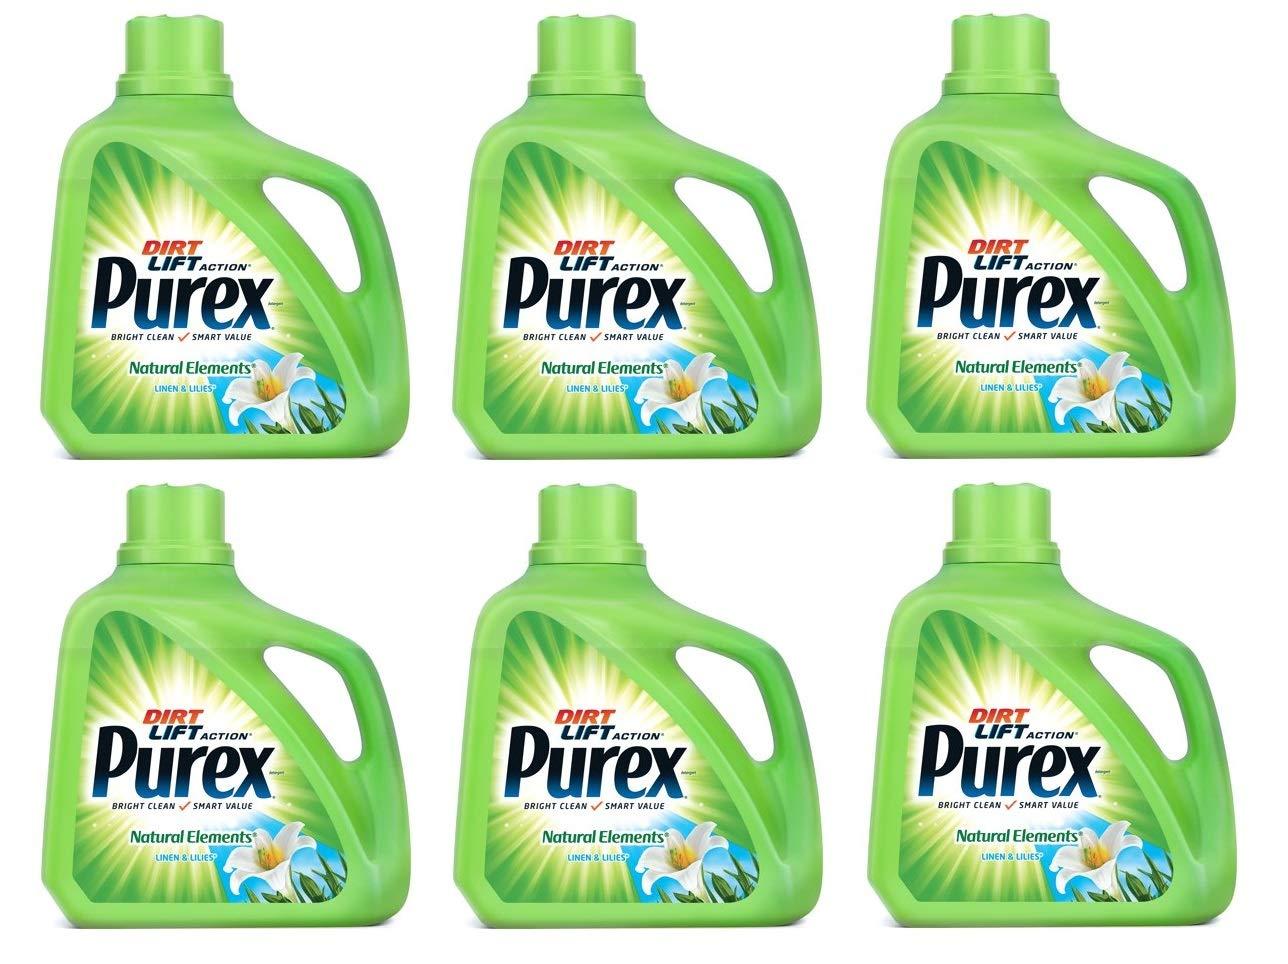 Purex 洗濯洗剤 液体 天然エレメント リネン&リリー 150オンス 100本入 B07H2WLWXG  6